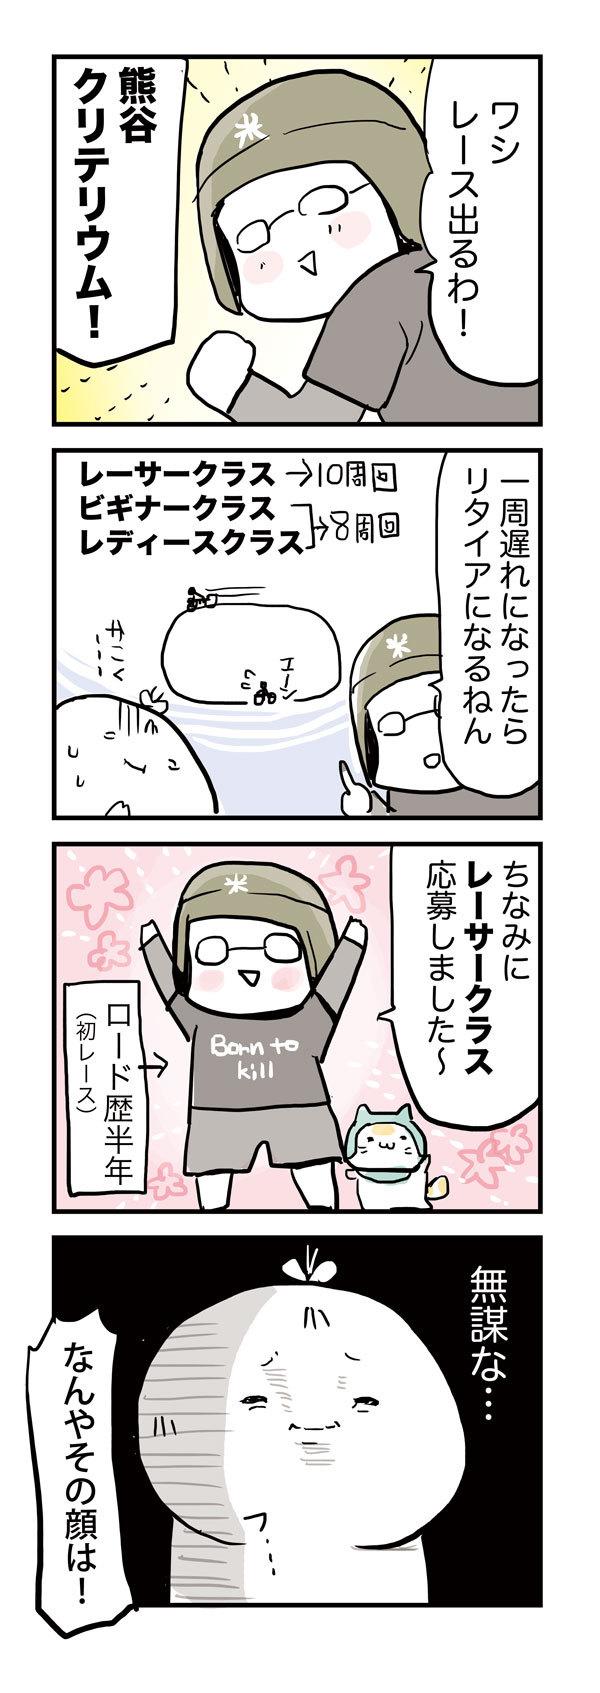 55_1 熊谷クリテ1